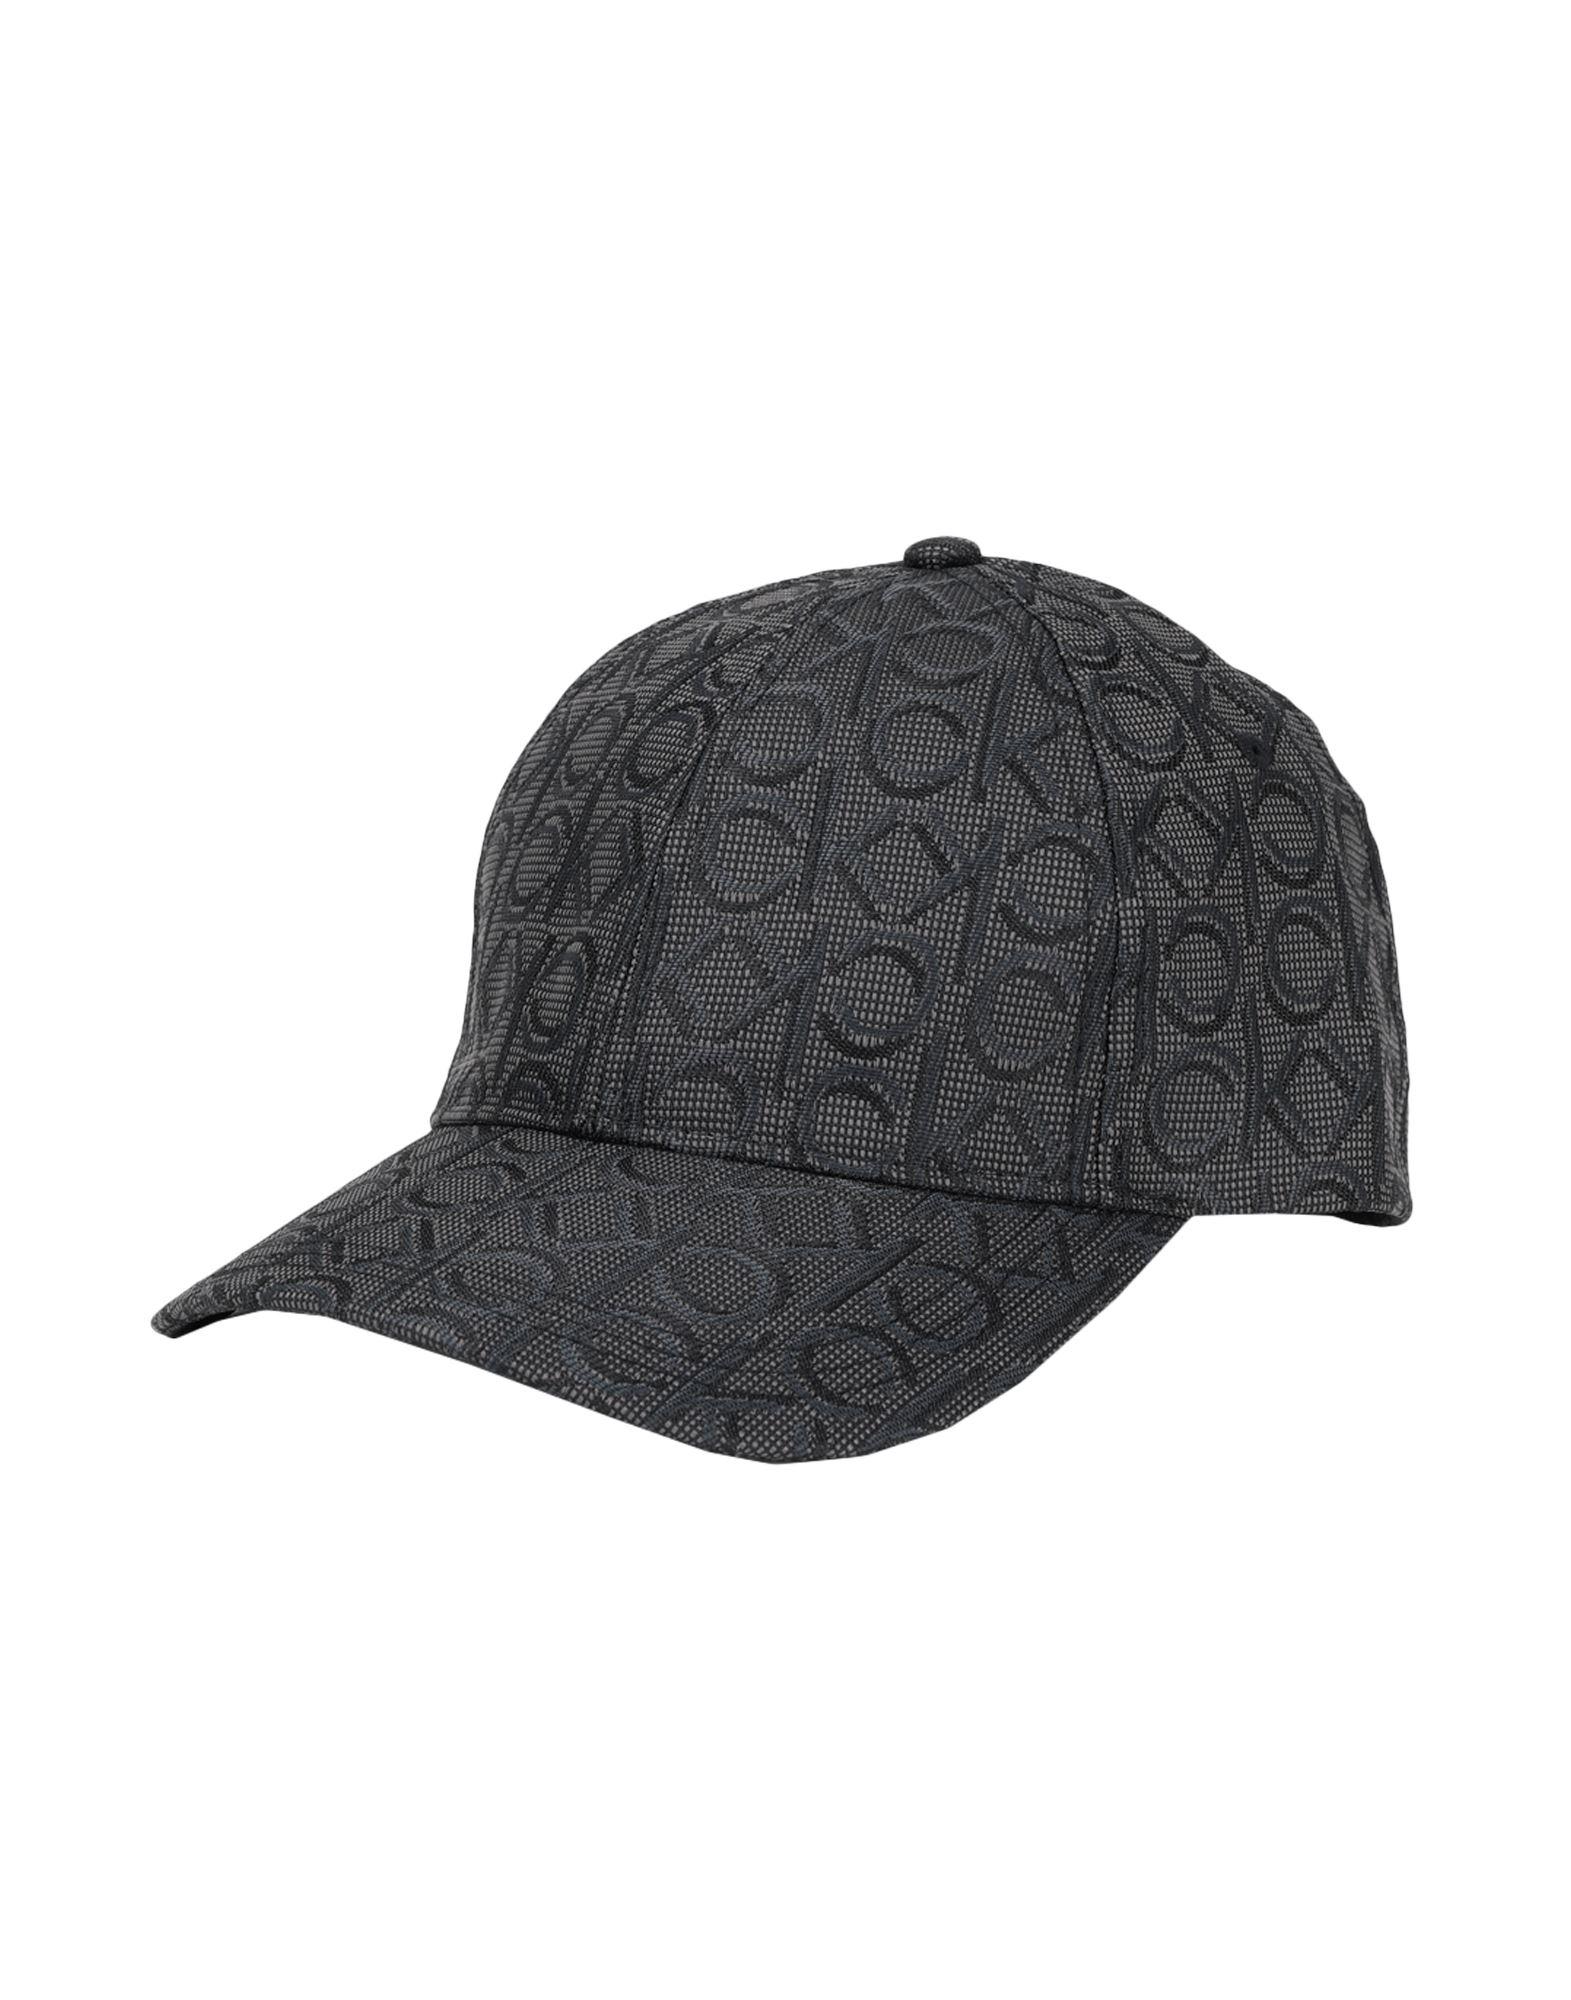 CALVIN KLEIN Hats - Item 46737896